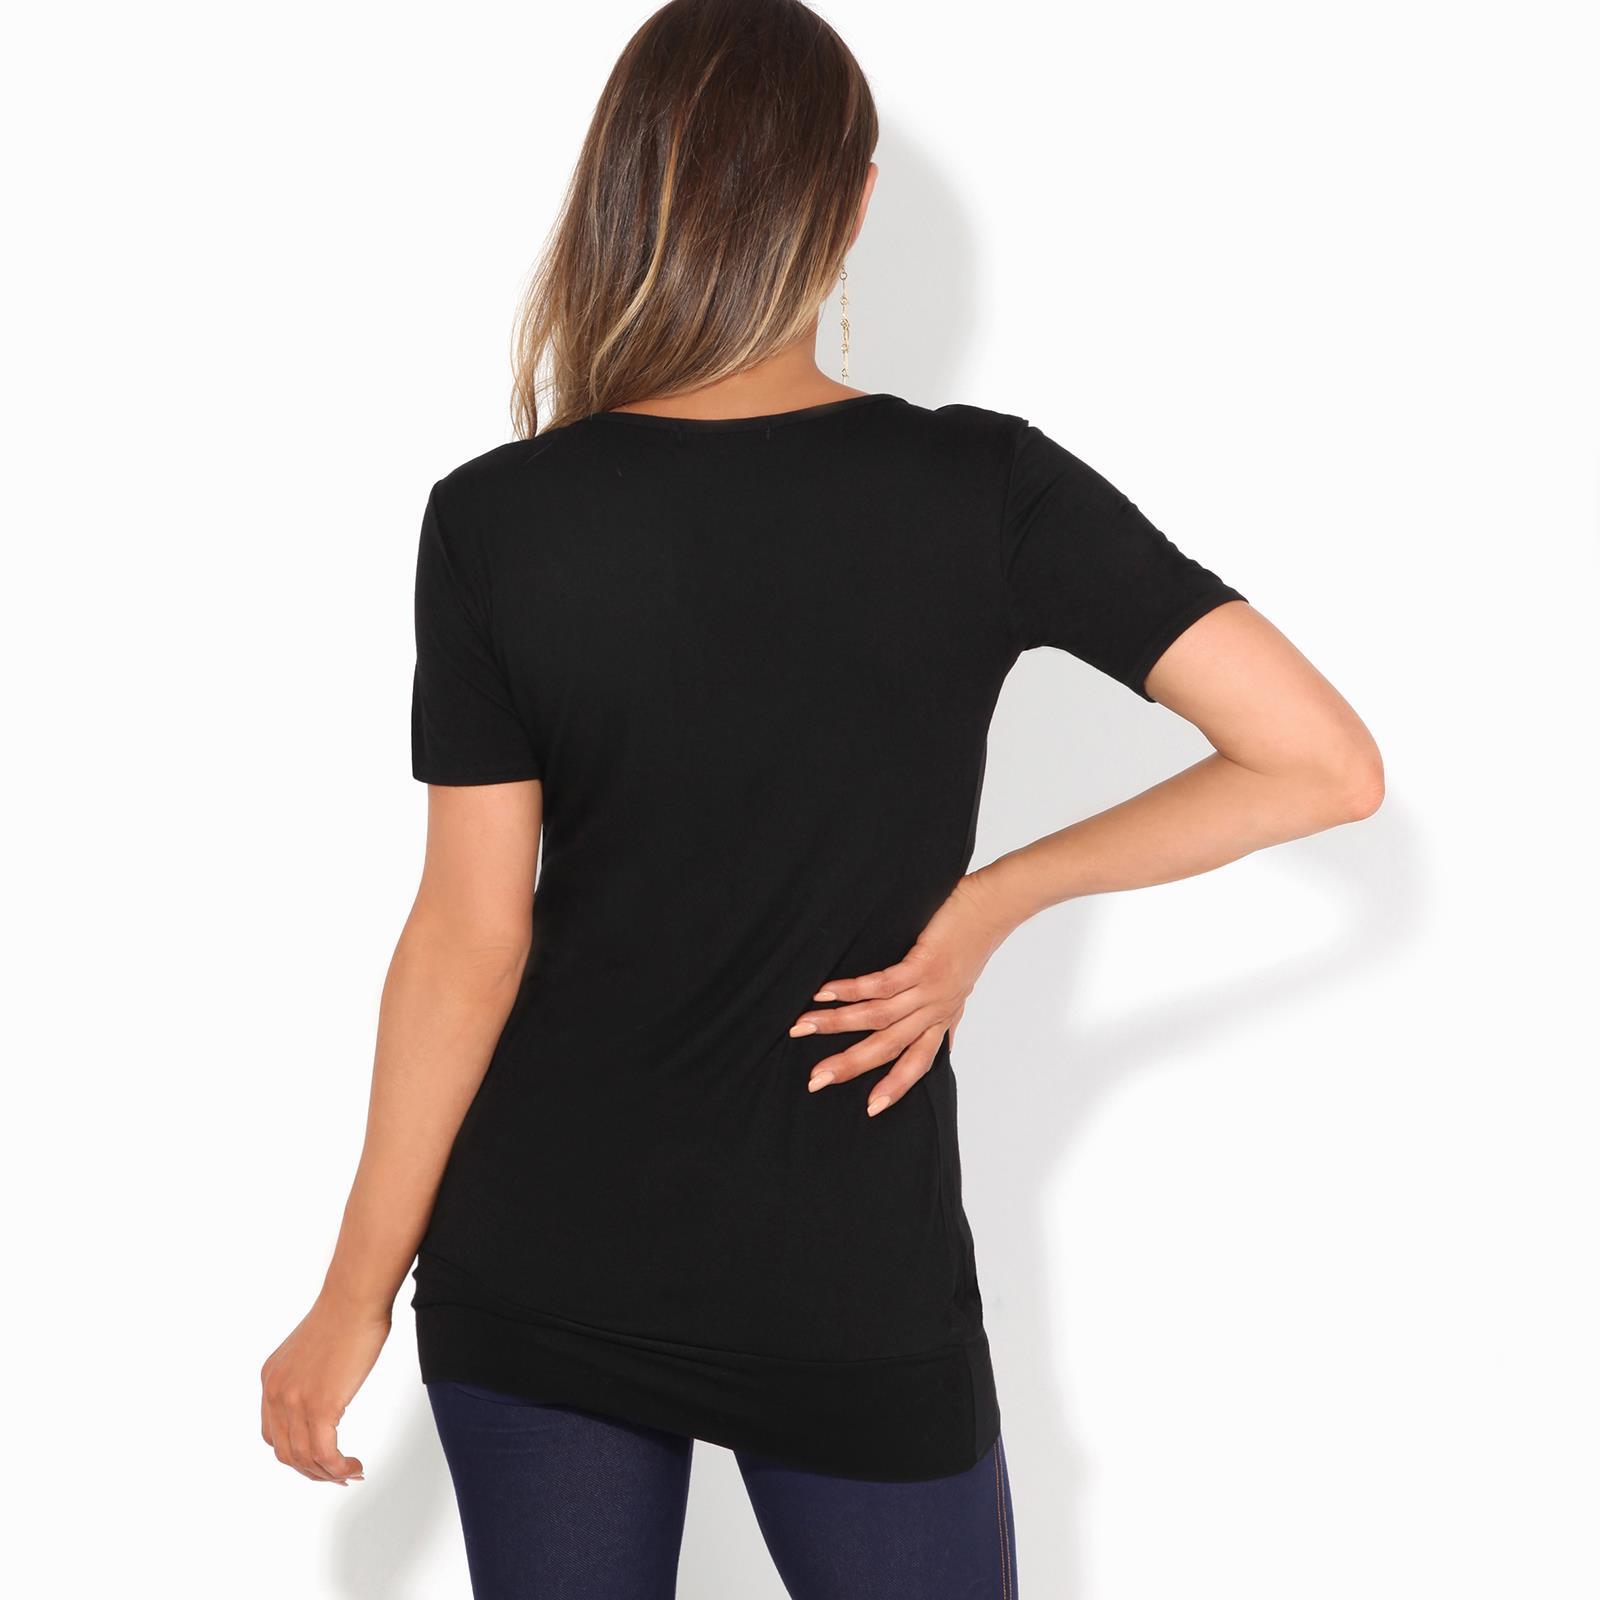 Femmes-Top-Haut-Chemisier-T-Shirt-Chemise-Blouse-Tunique-Long-Grandes-Tailles miniature 11